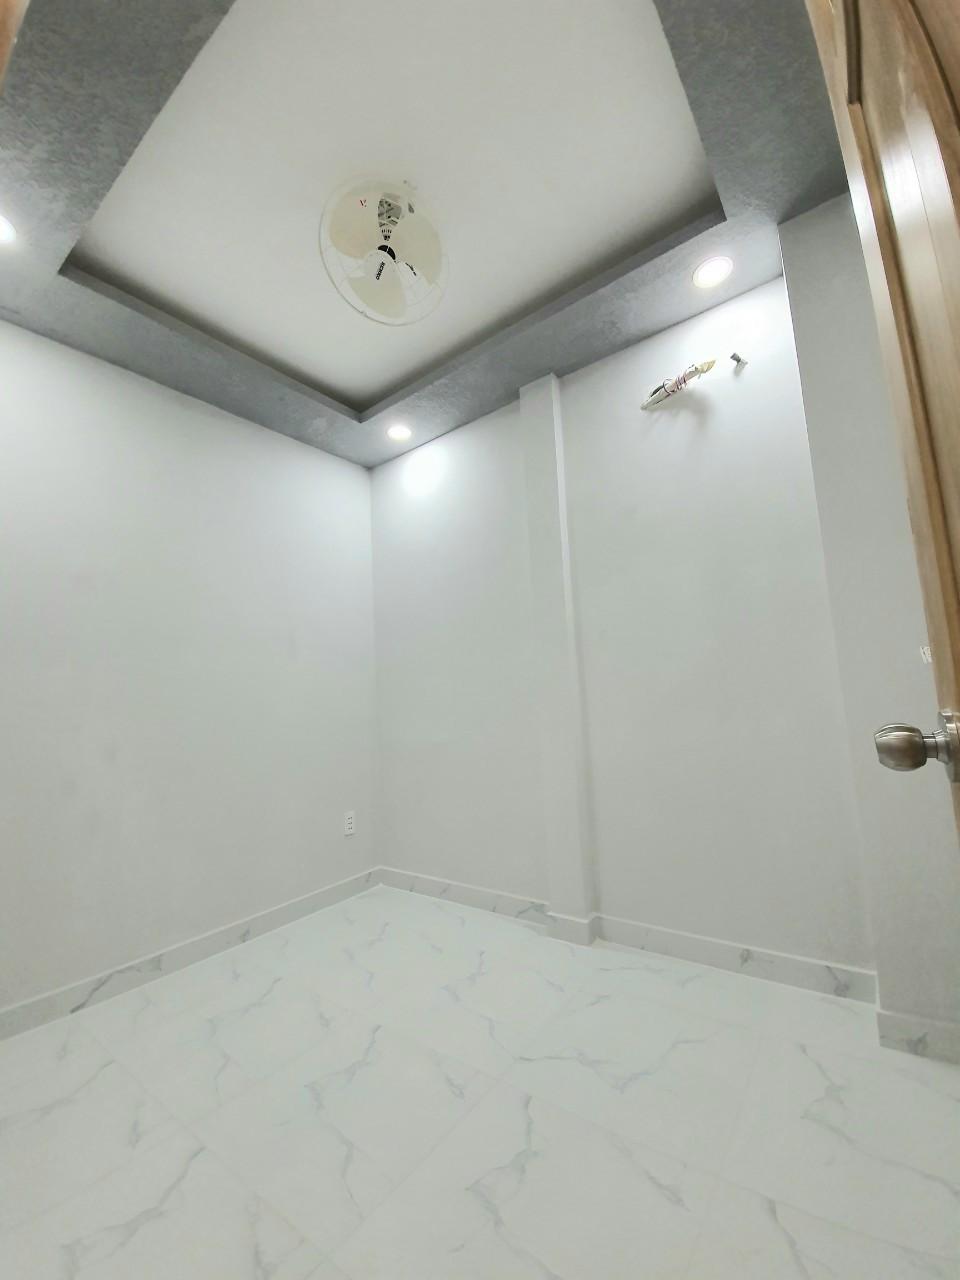 Bán nhà hẻm 125 Nguyễn Thị Tần phường 1 Quận 8 giá 2 tỷ 080 gần chợ Rạch Ông